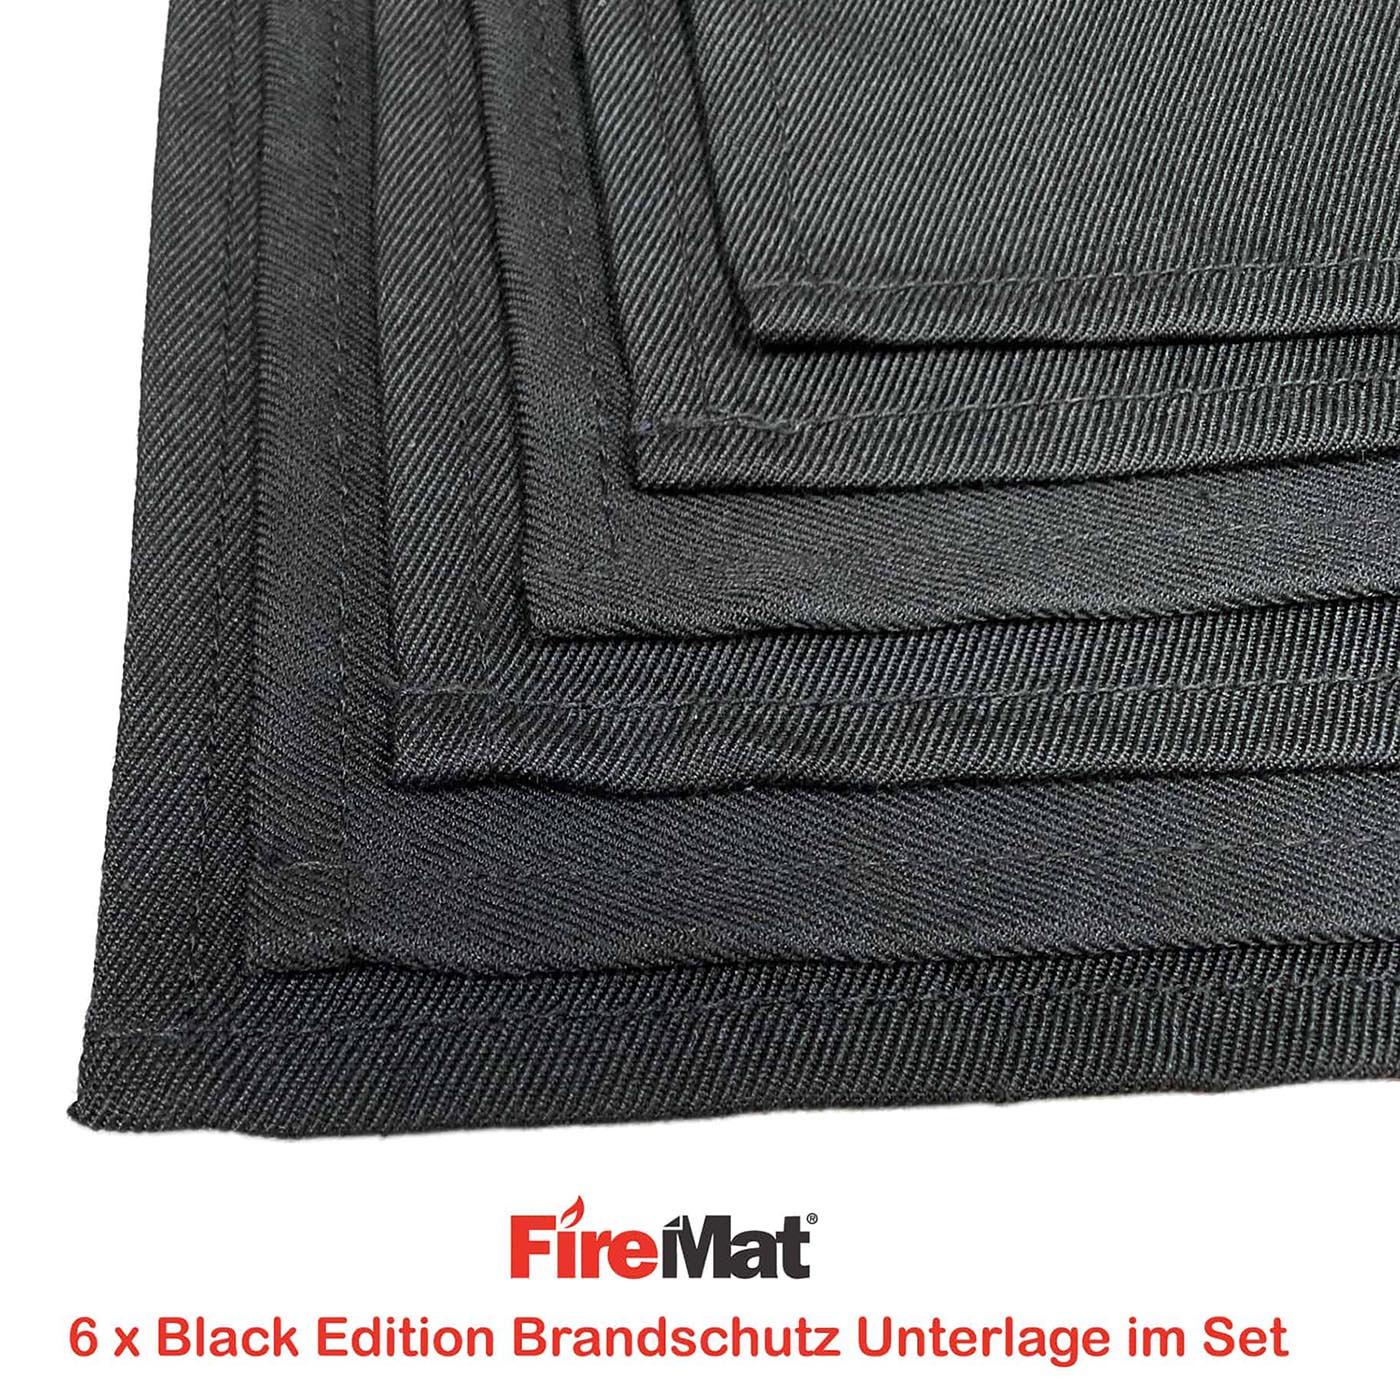 FireMat Black Edition .. Feuerfeste Brandschutz Unterlage für Elektrogeräte